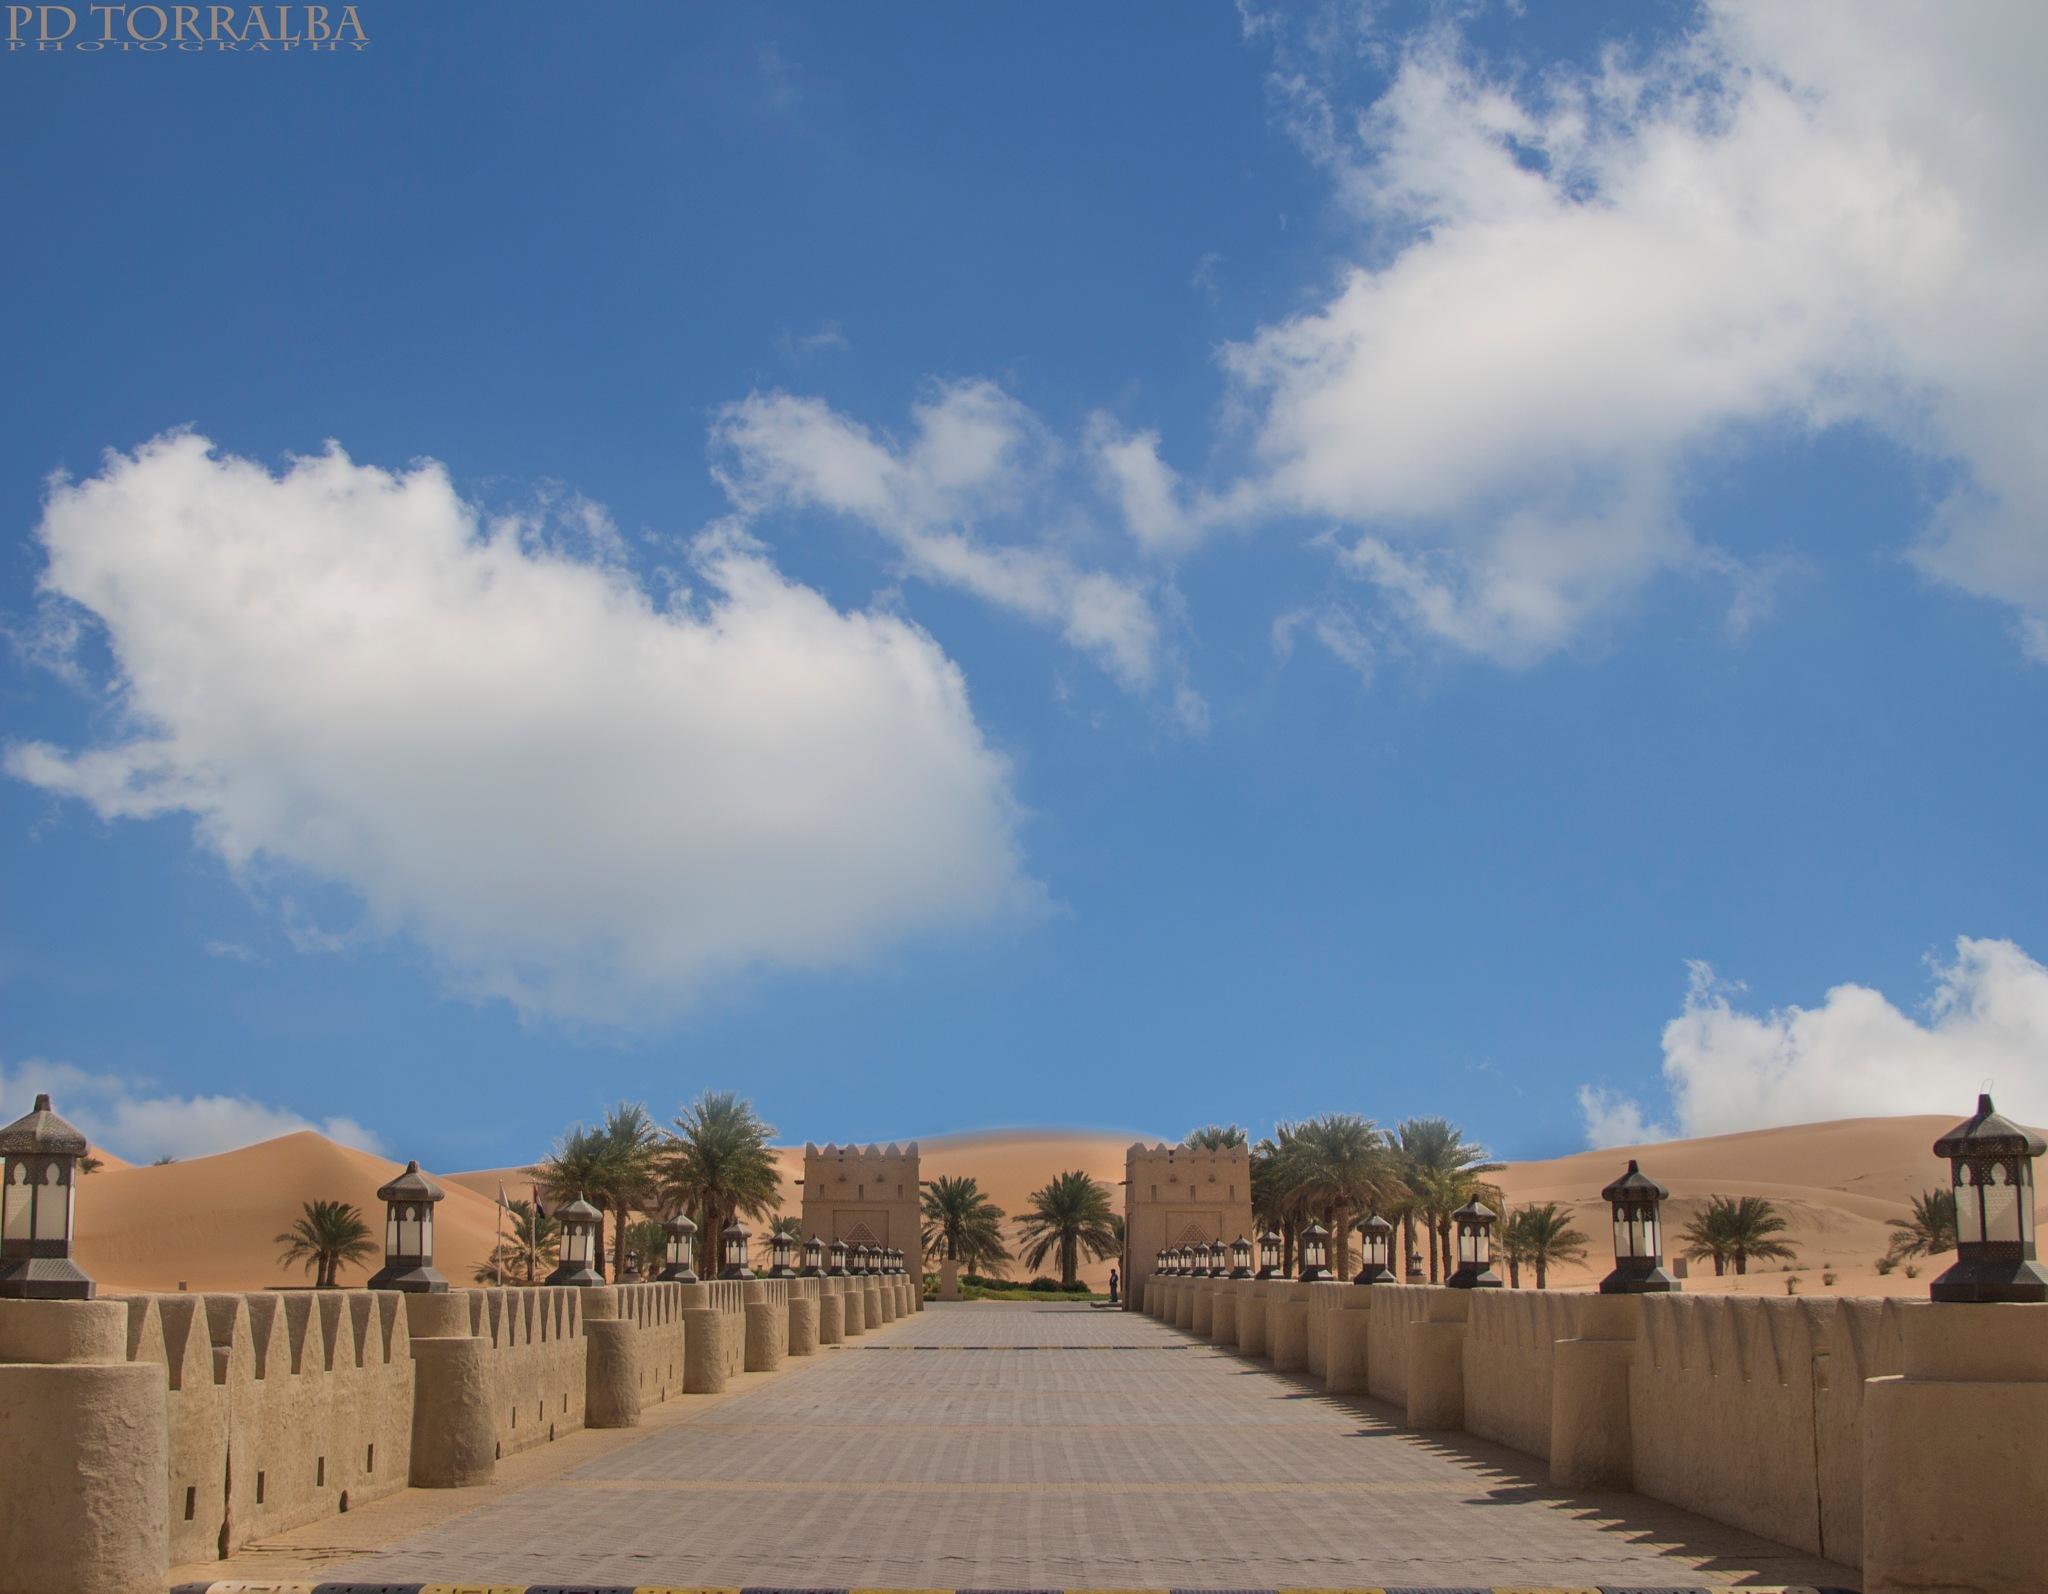 desert gate by ptorralba08